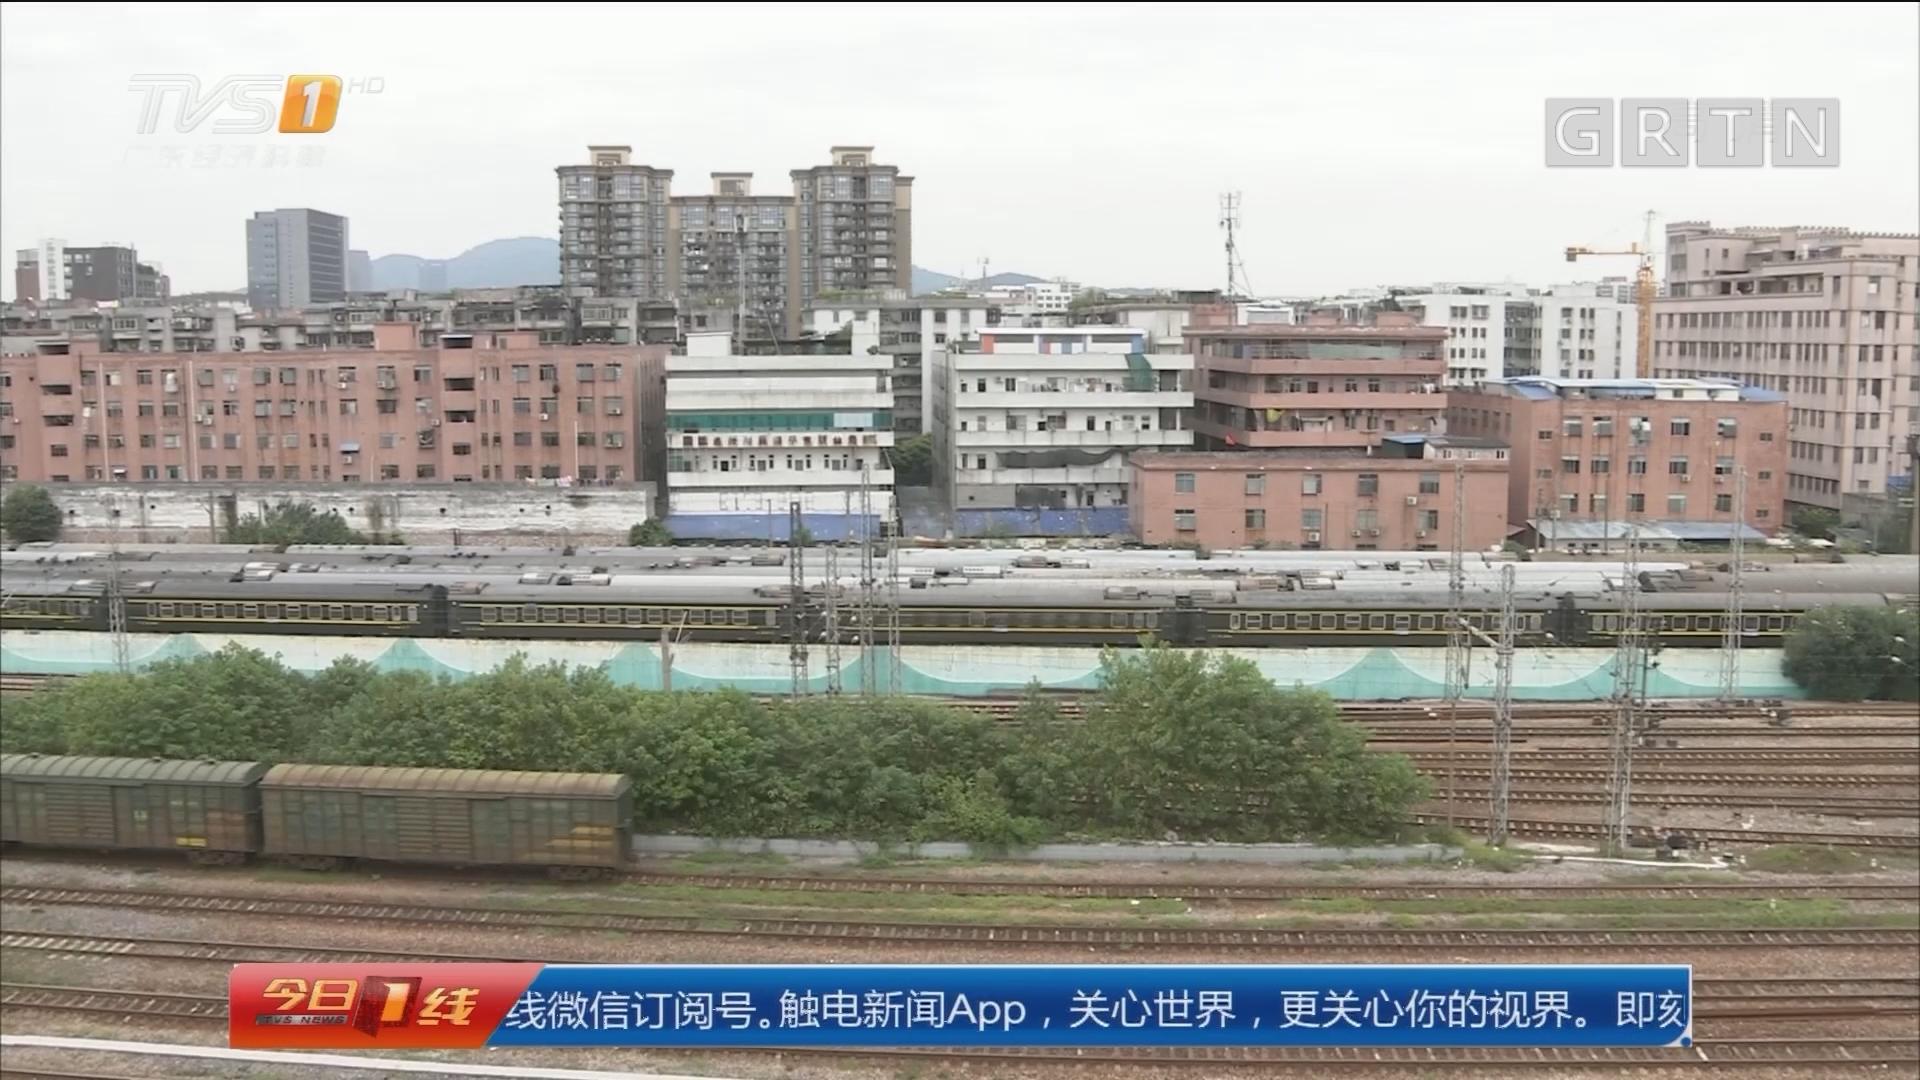 广州:承接普客业务 棠溪站拟今年动工